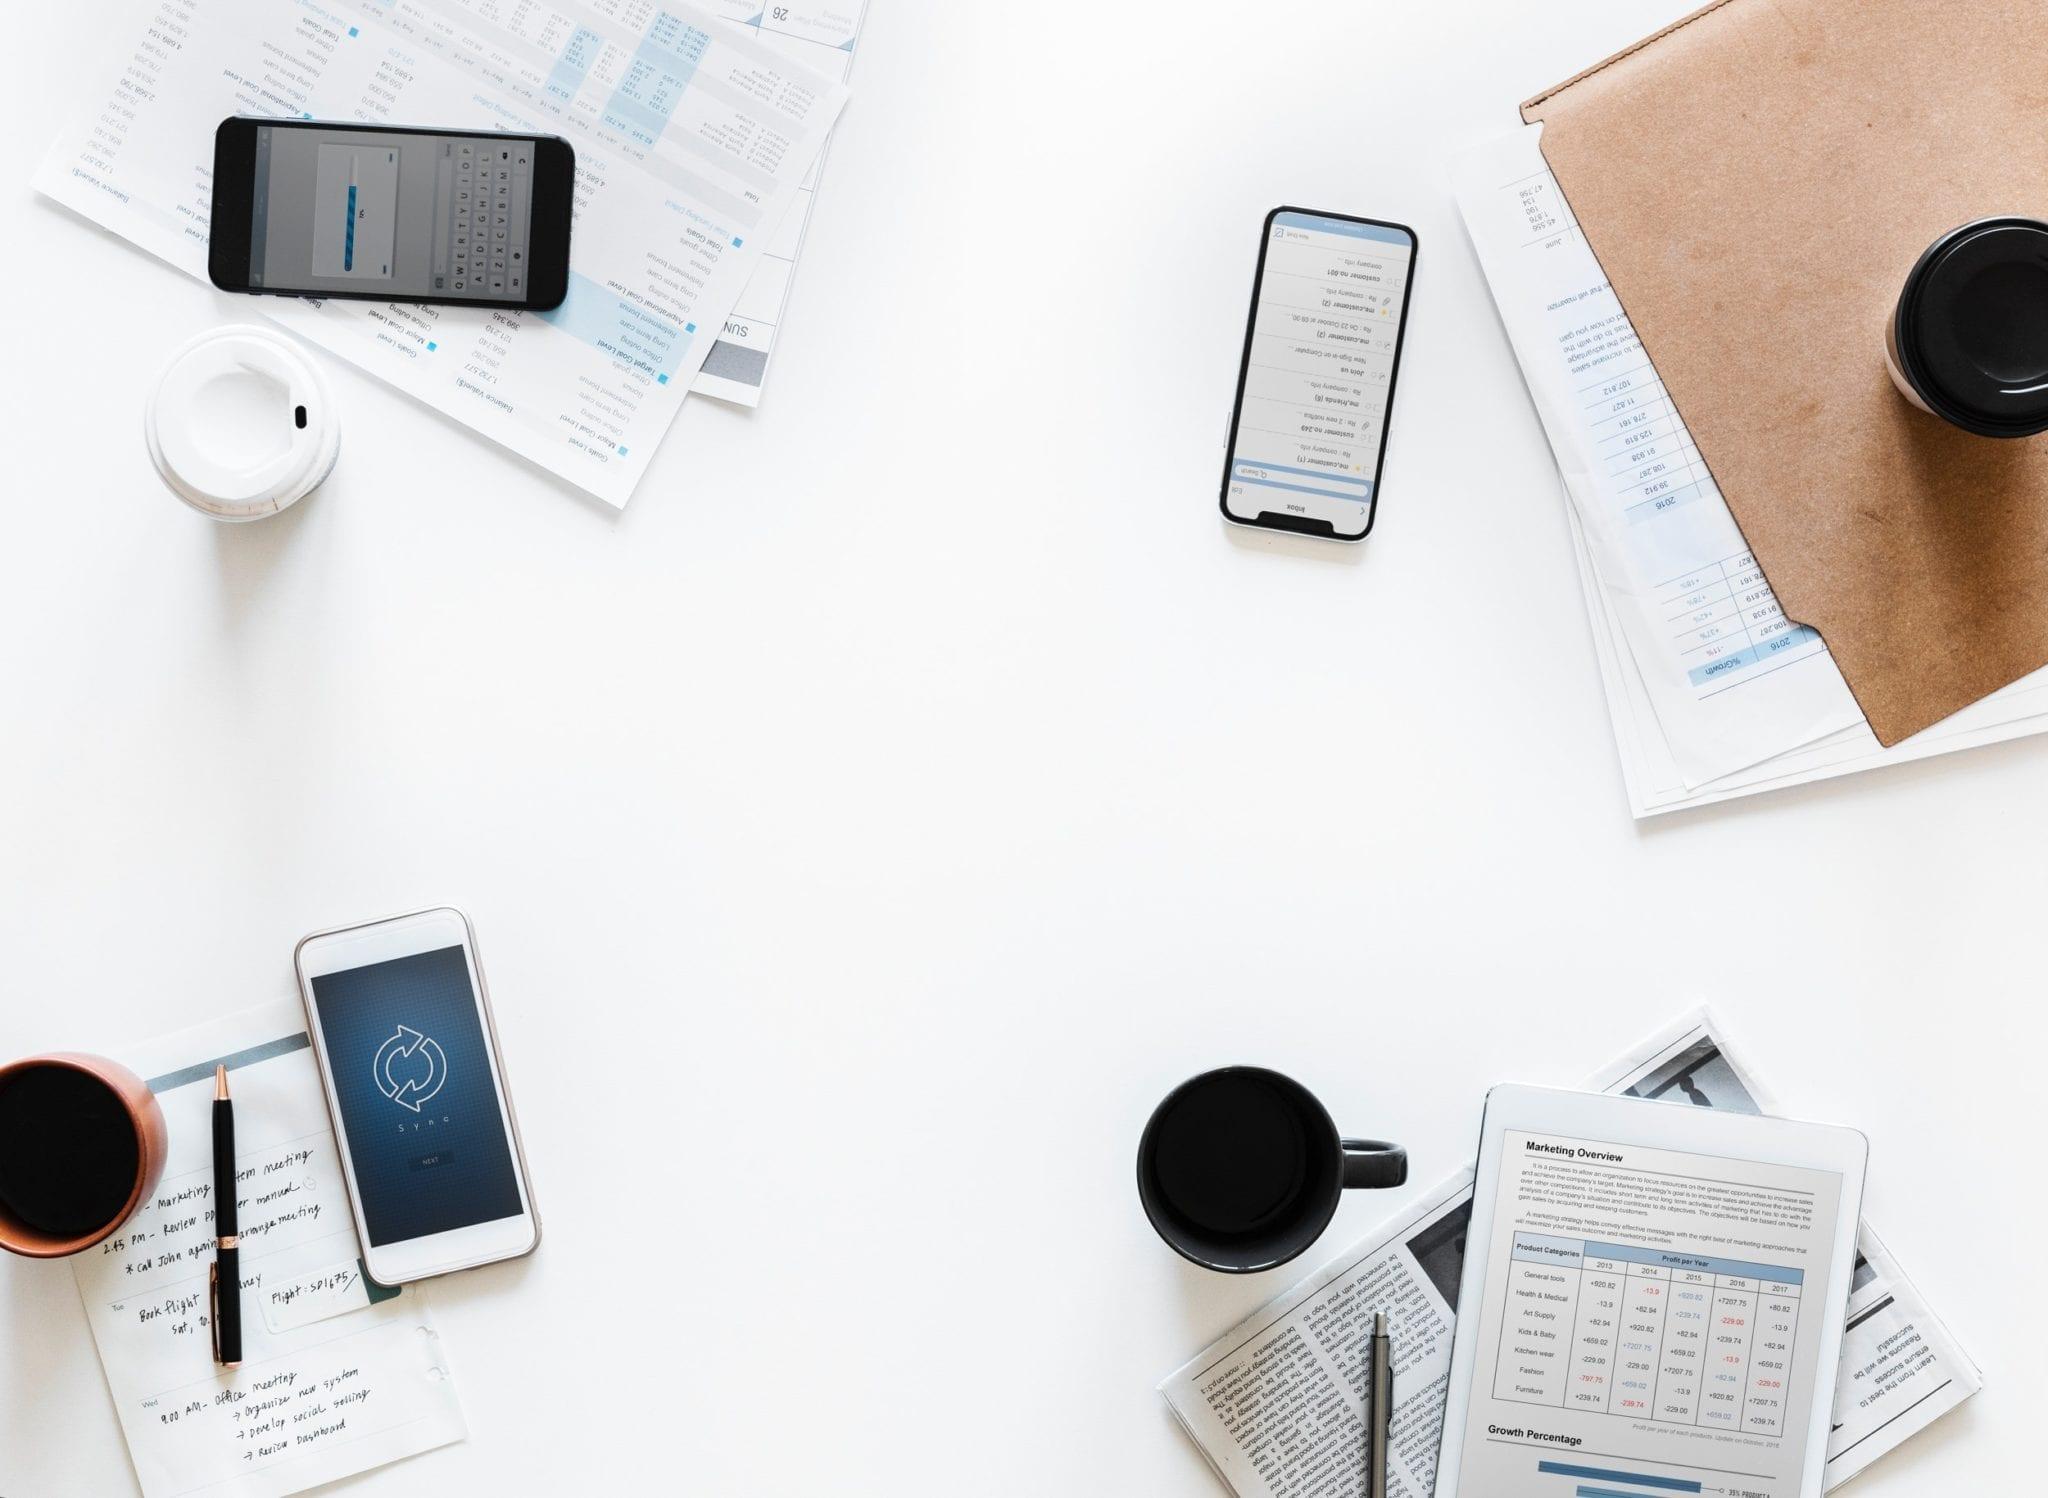 ¿Cómo Vender Por Internet? Compartimos Unos Consejos Básicos 2heart